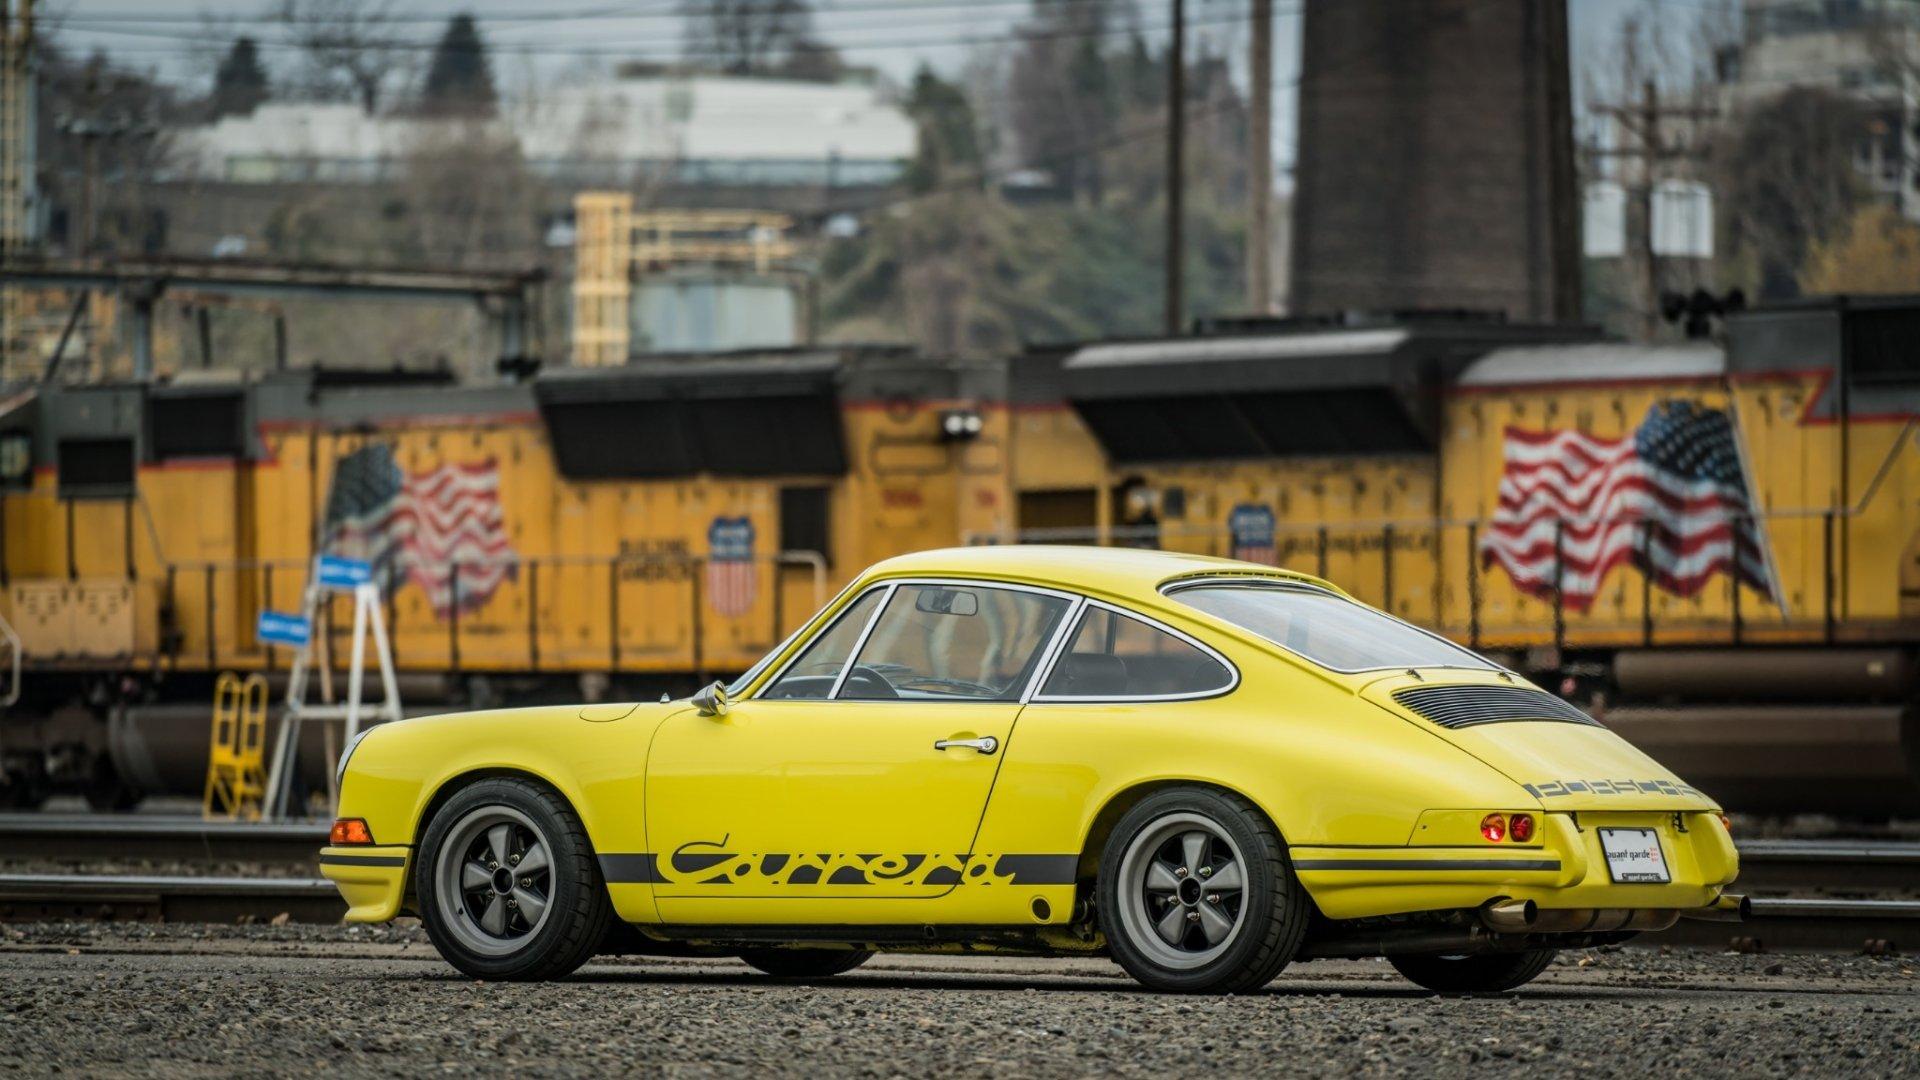 Vehicles - Porsche 911 Carrera T  Sport Car Yellow Car Old Car Car Wallpaper